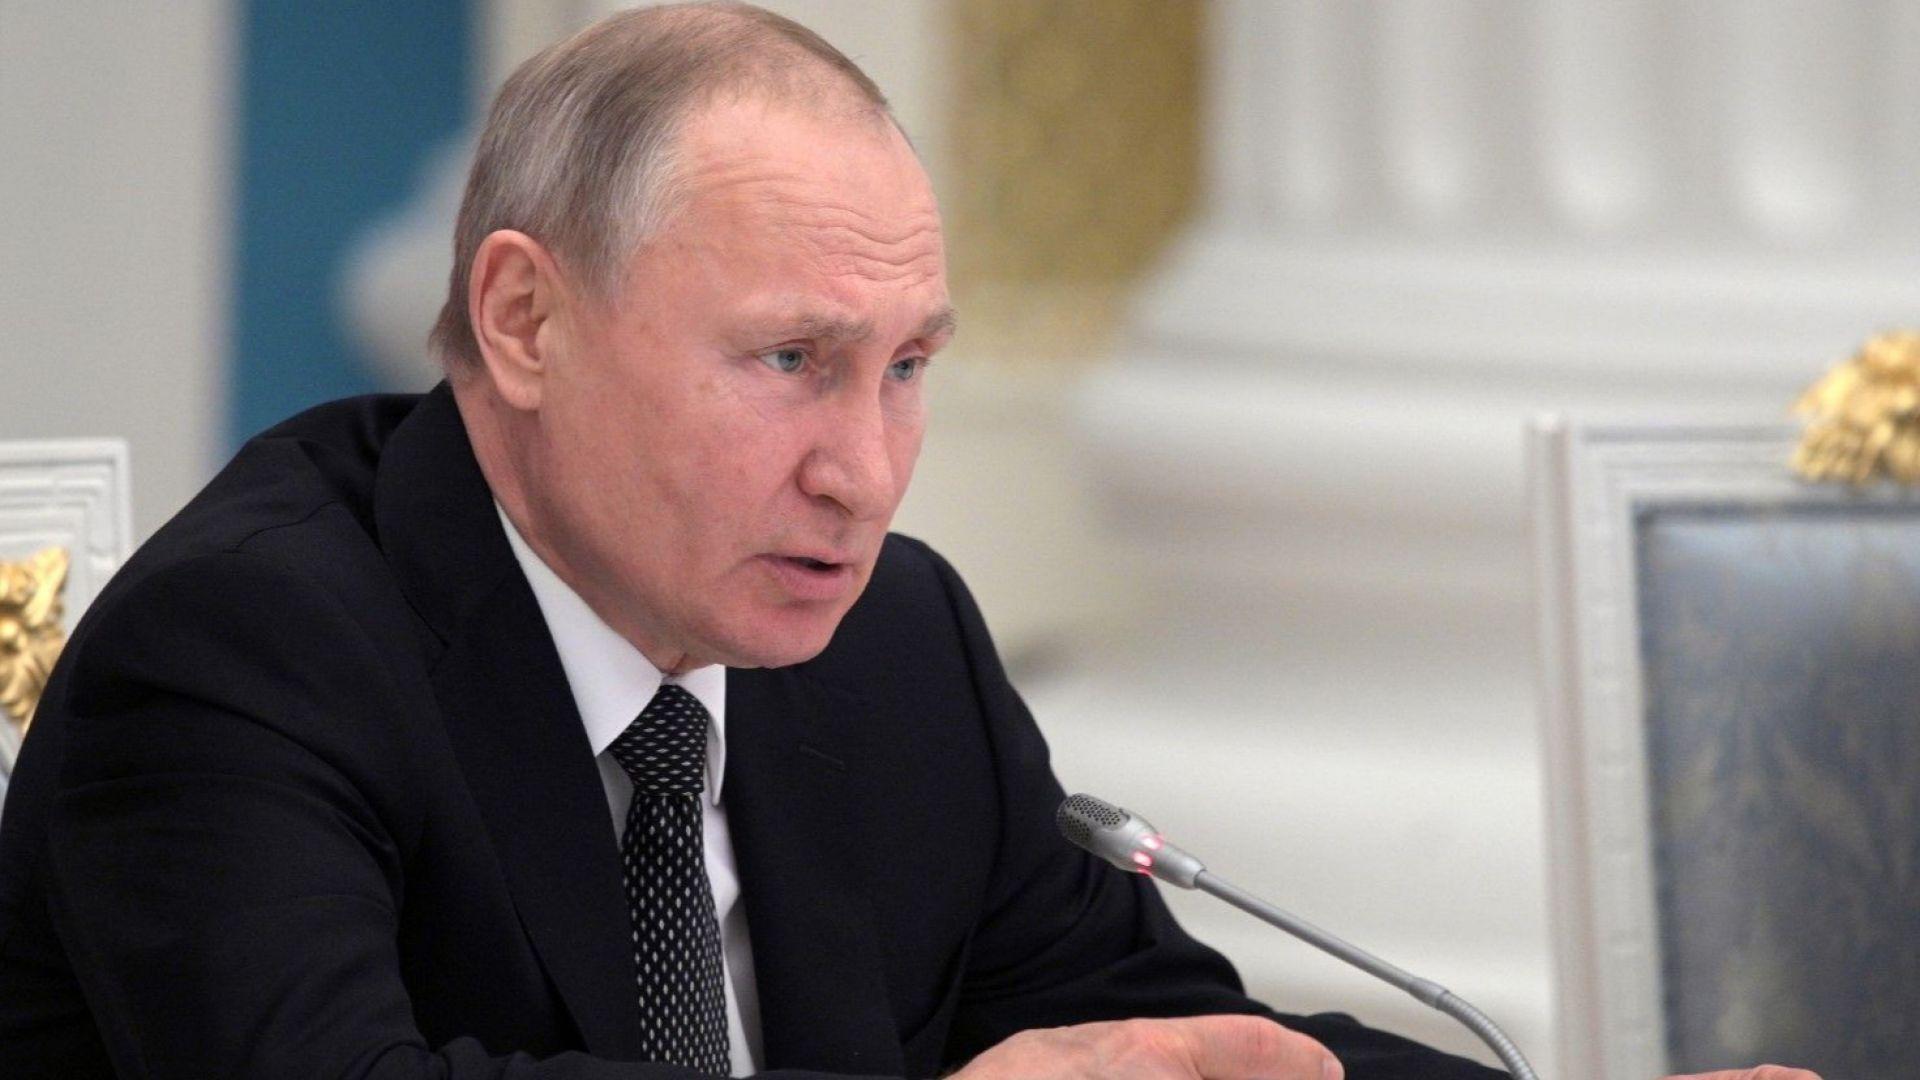 Коронавирусът удря всички държави и това вече се усеща, заяви Путин